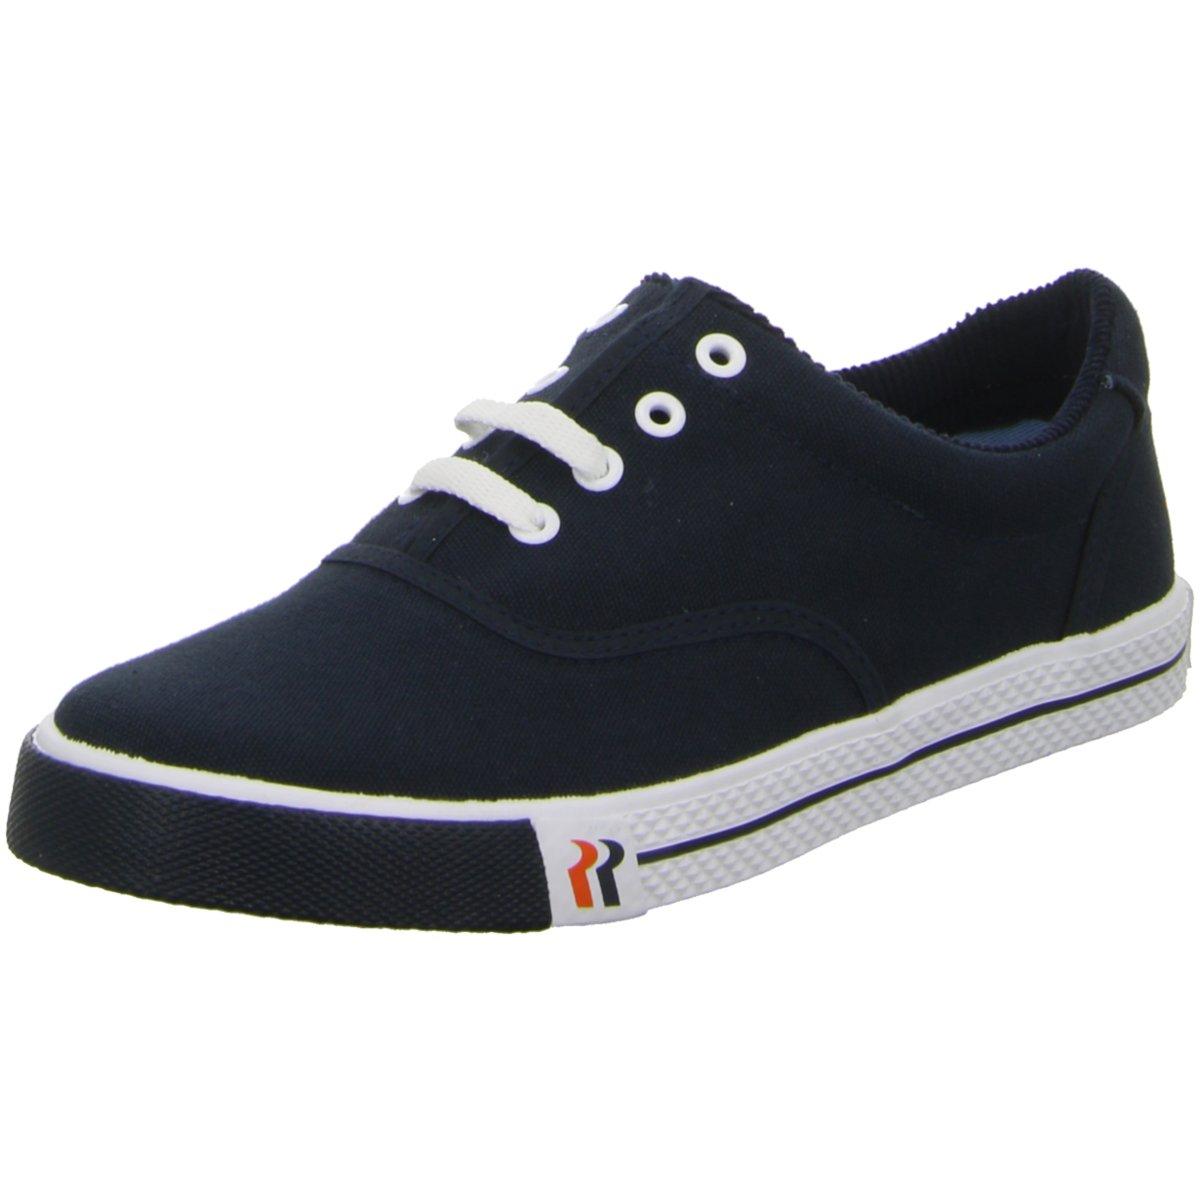 NEU Romika Herren Sneaker Leinen Schnürhalbschuh 20001 70 500 blau 133137